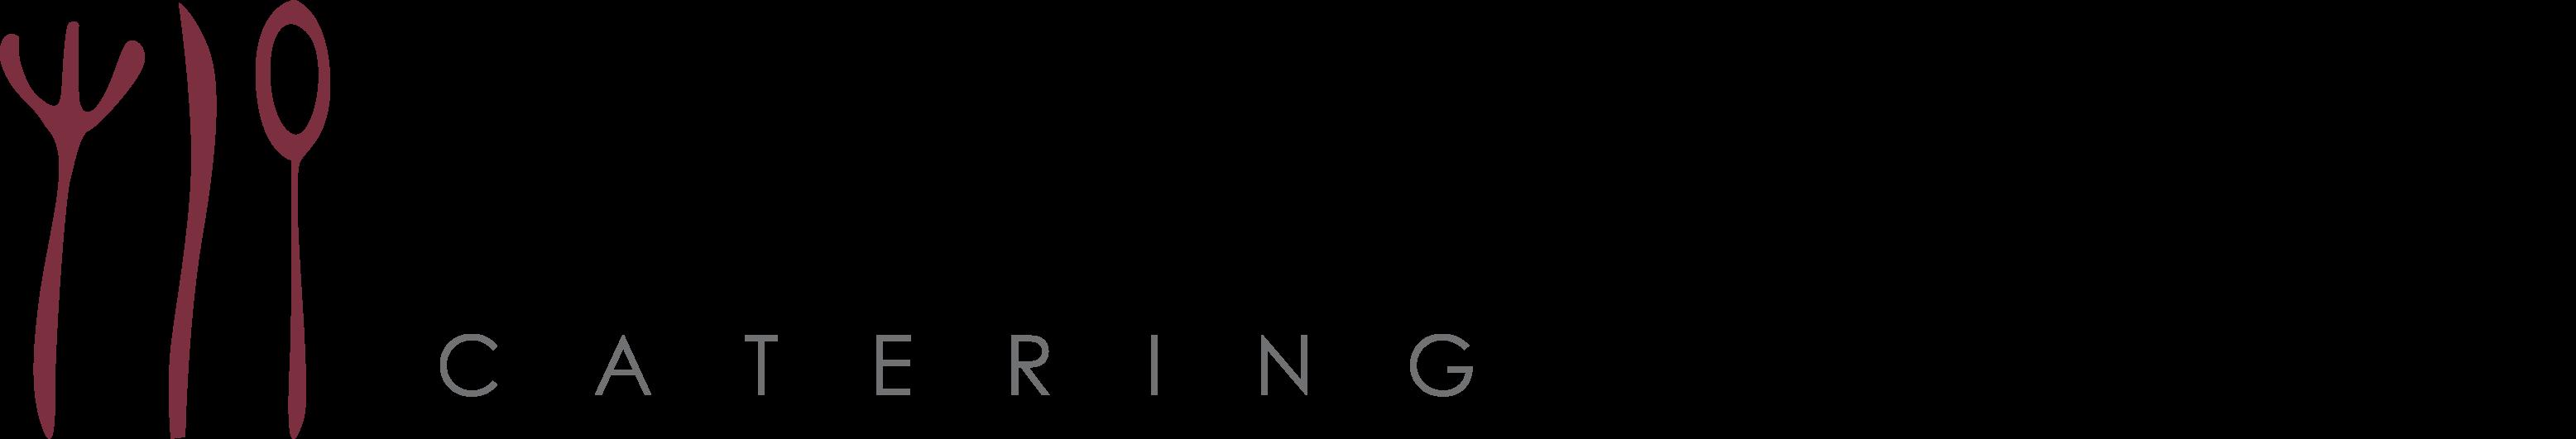 Tienda Online de Catering en Madrid. Catering para empresas y particulares y Catering de Navidad.Catering para eventos familiares y bodas. ¡Conócenos!